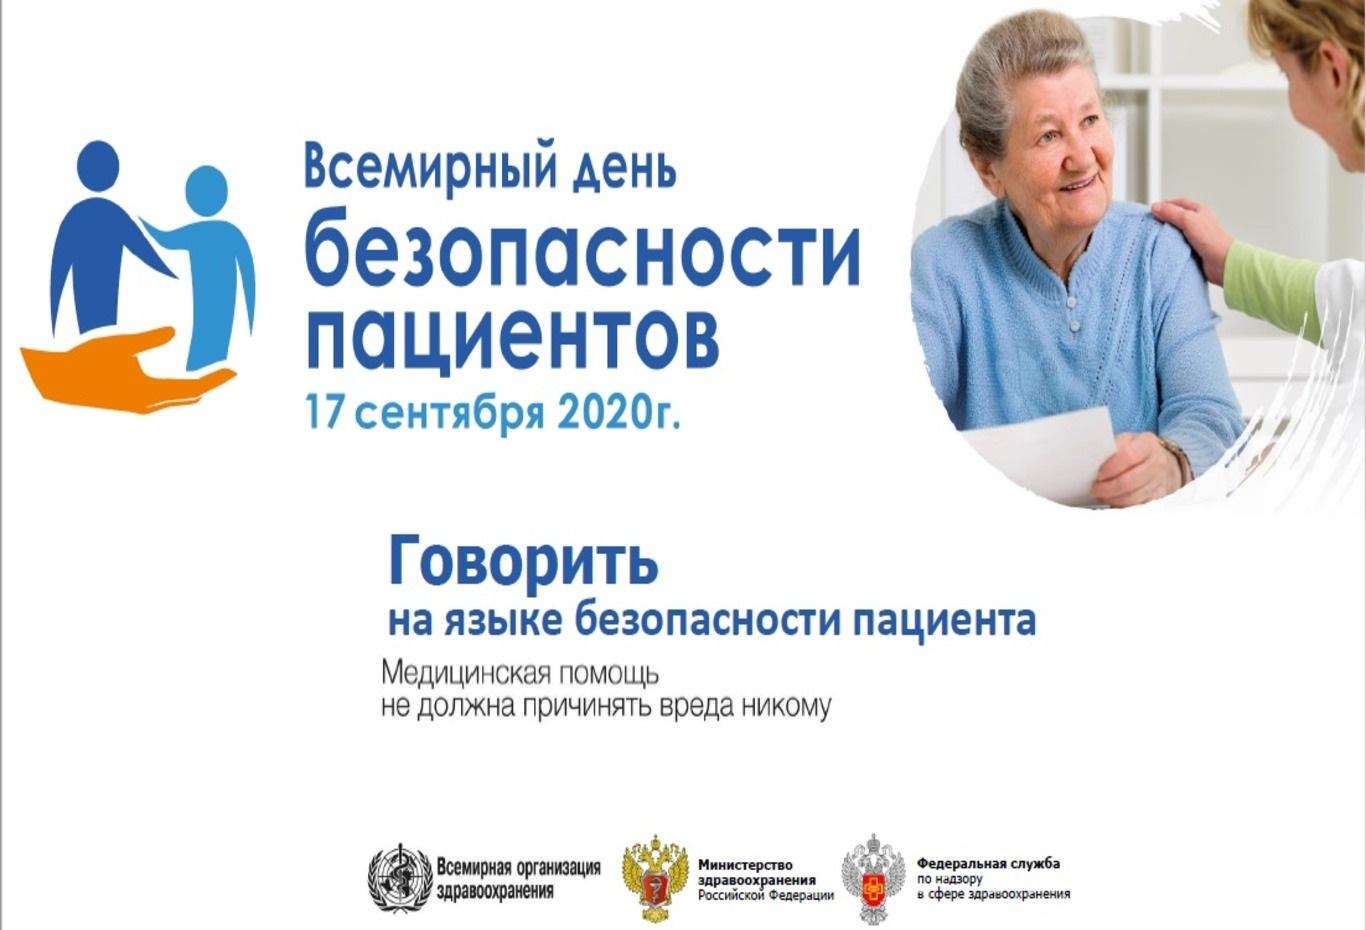 Главное - не навреди: Всемирный день безопасности пациента